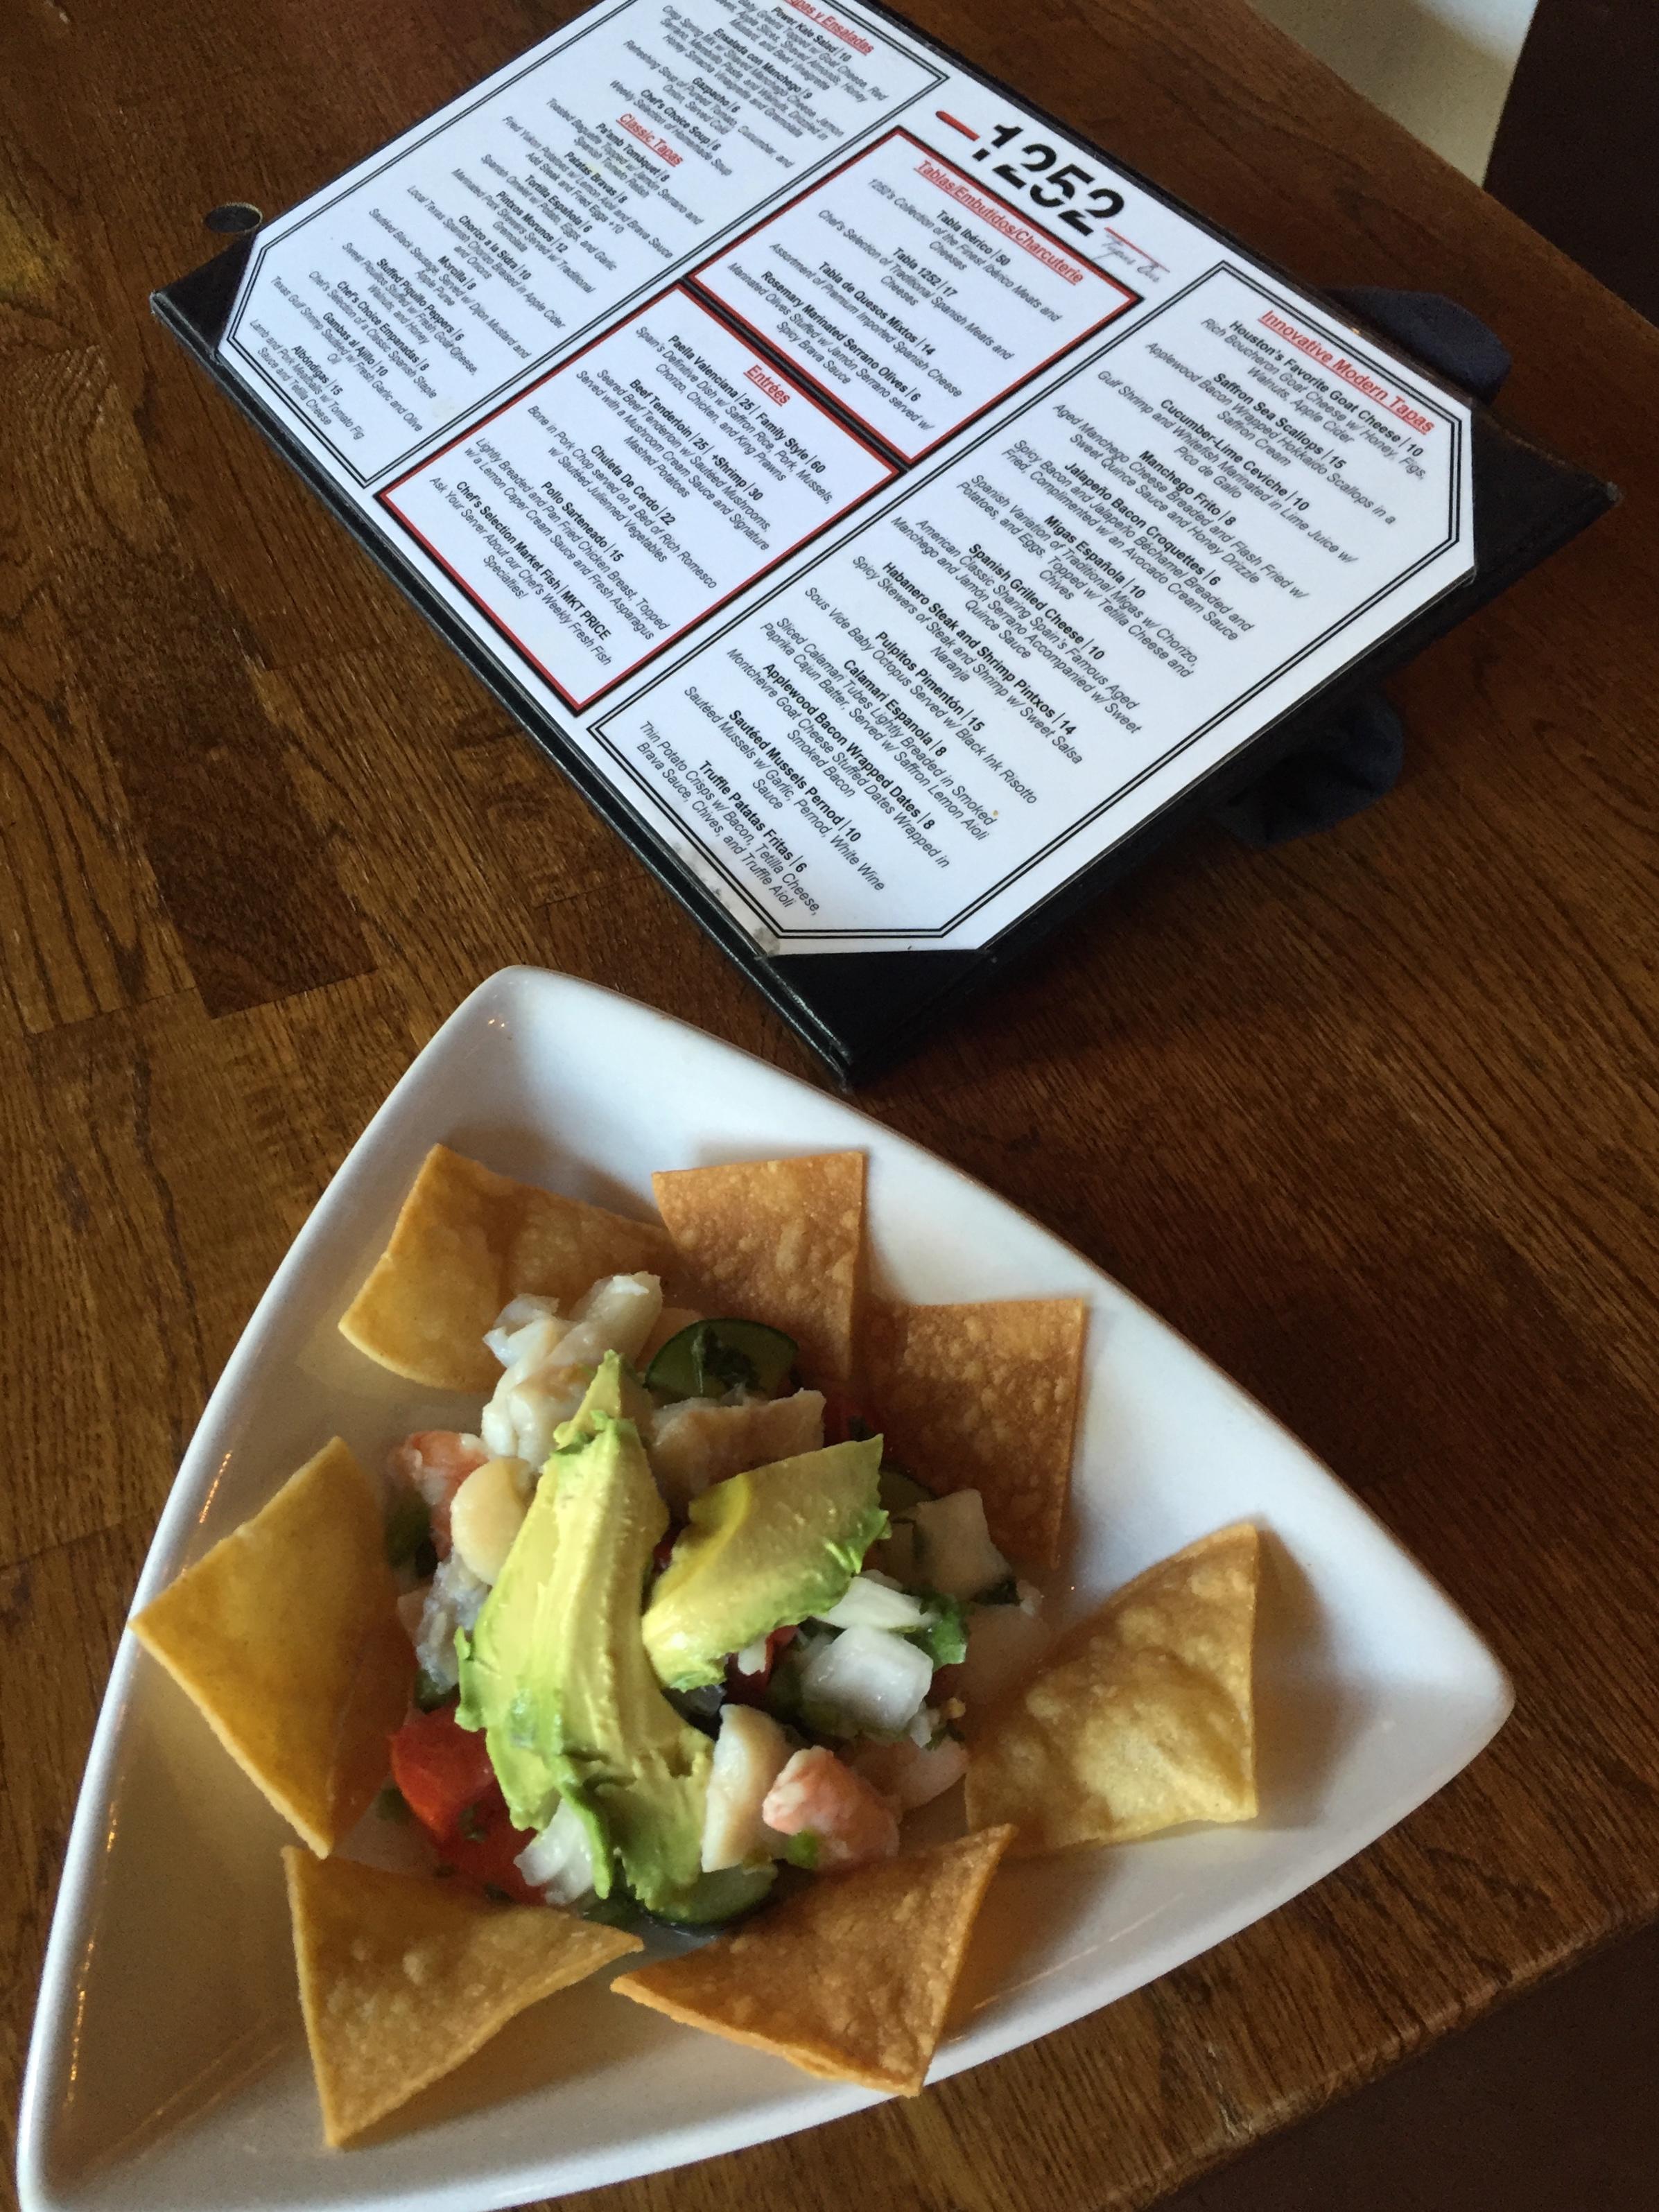 lunch at 1252 Tapas Bar